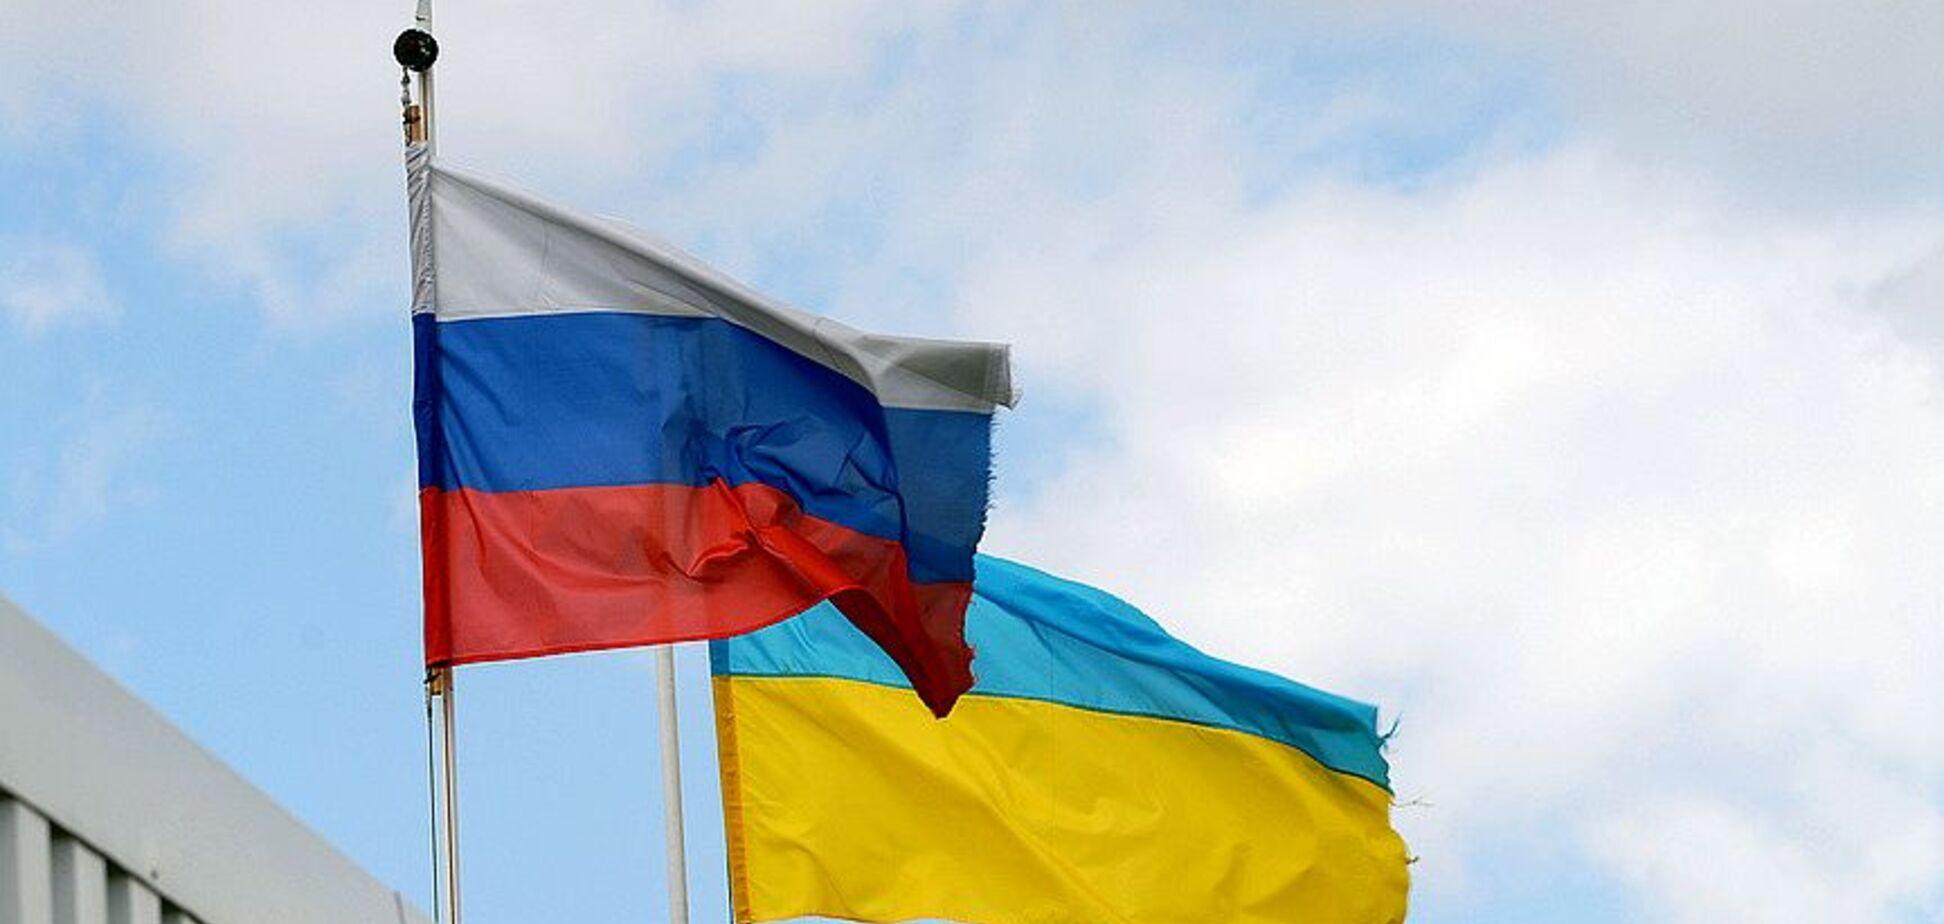 'Ближе к России': у Порошенко признали проблему с Крымом